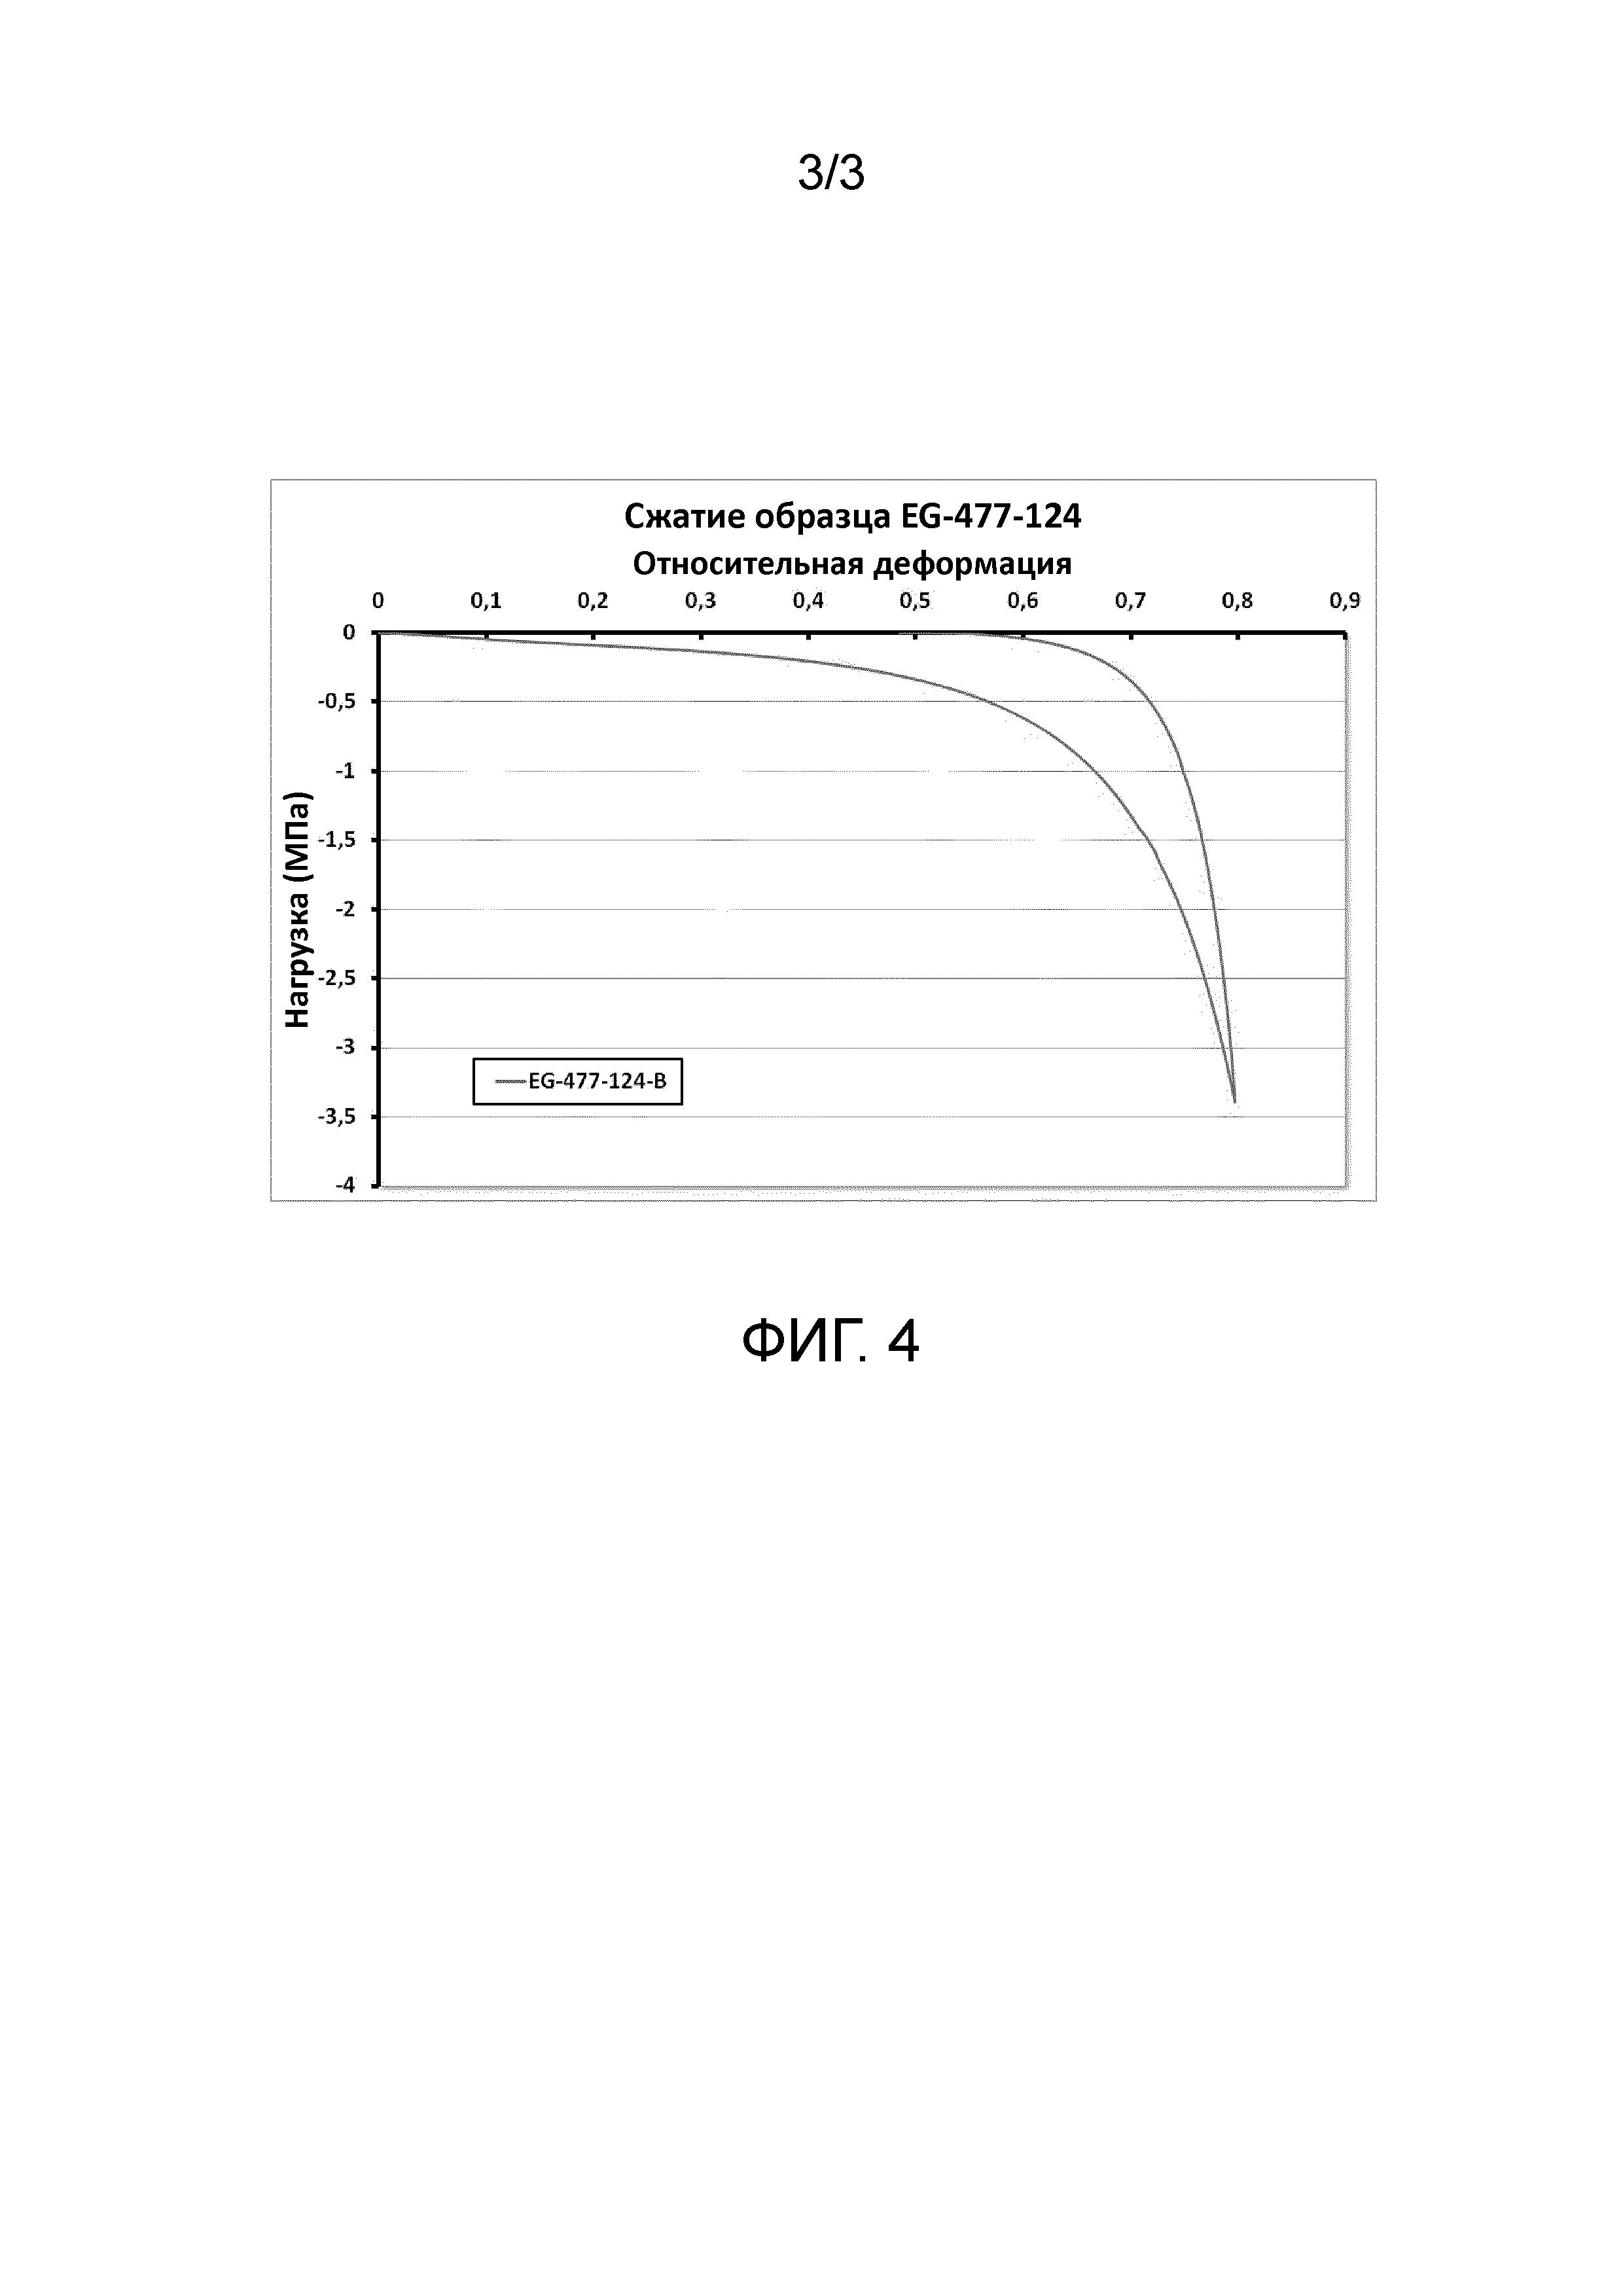 Изоляционные композитные материалы, содержащие неорганический аэрогель и меламиновую пену